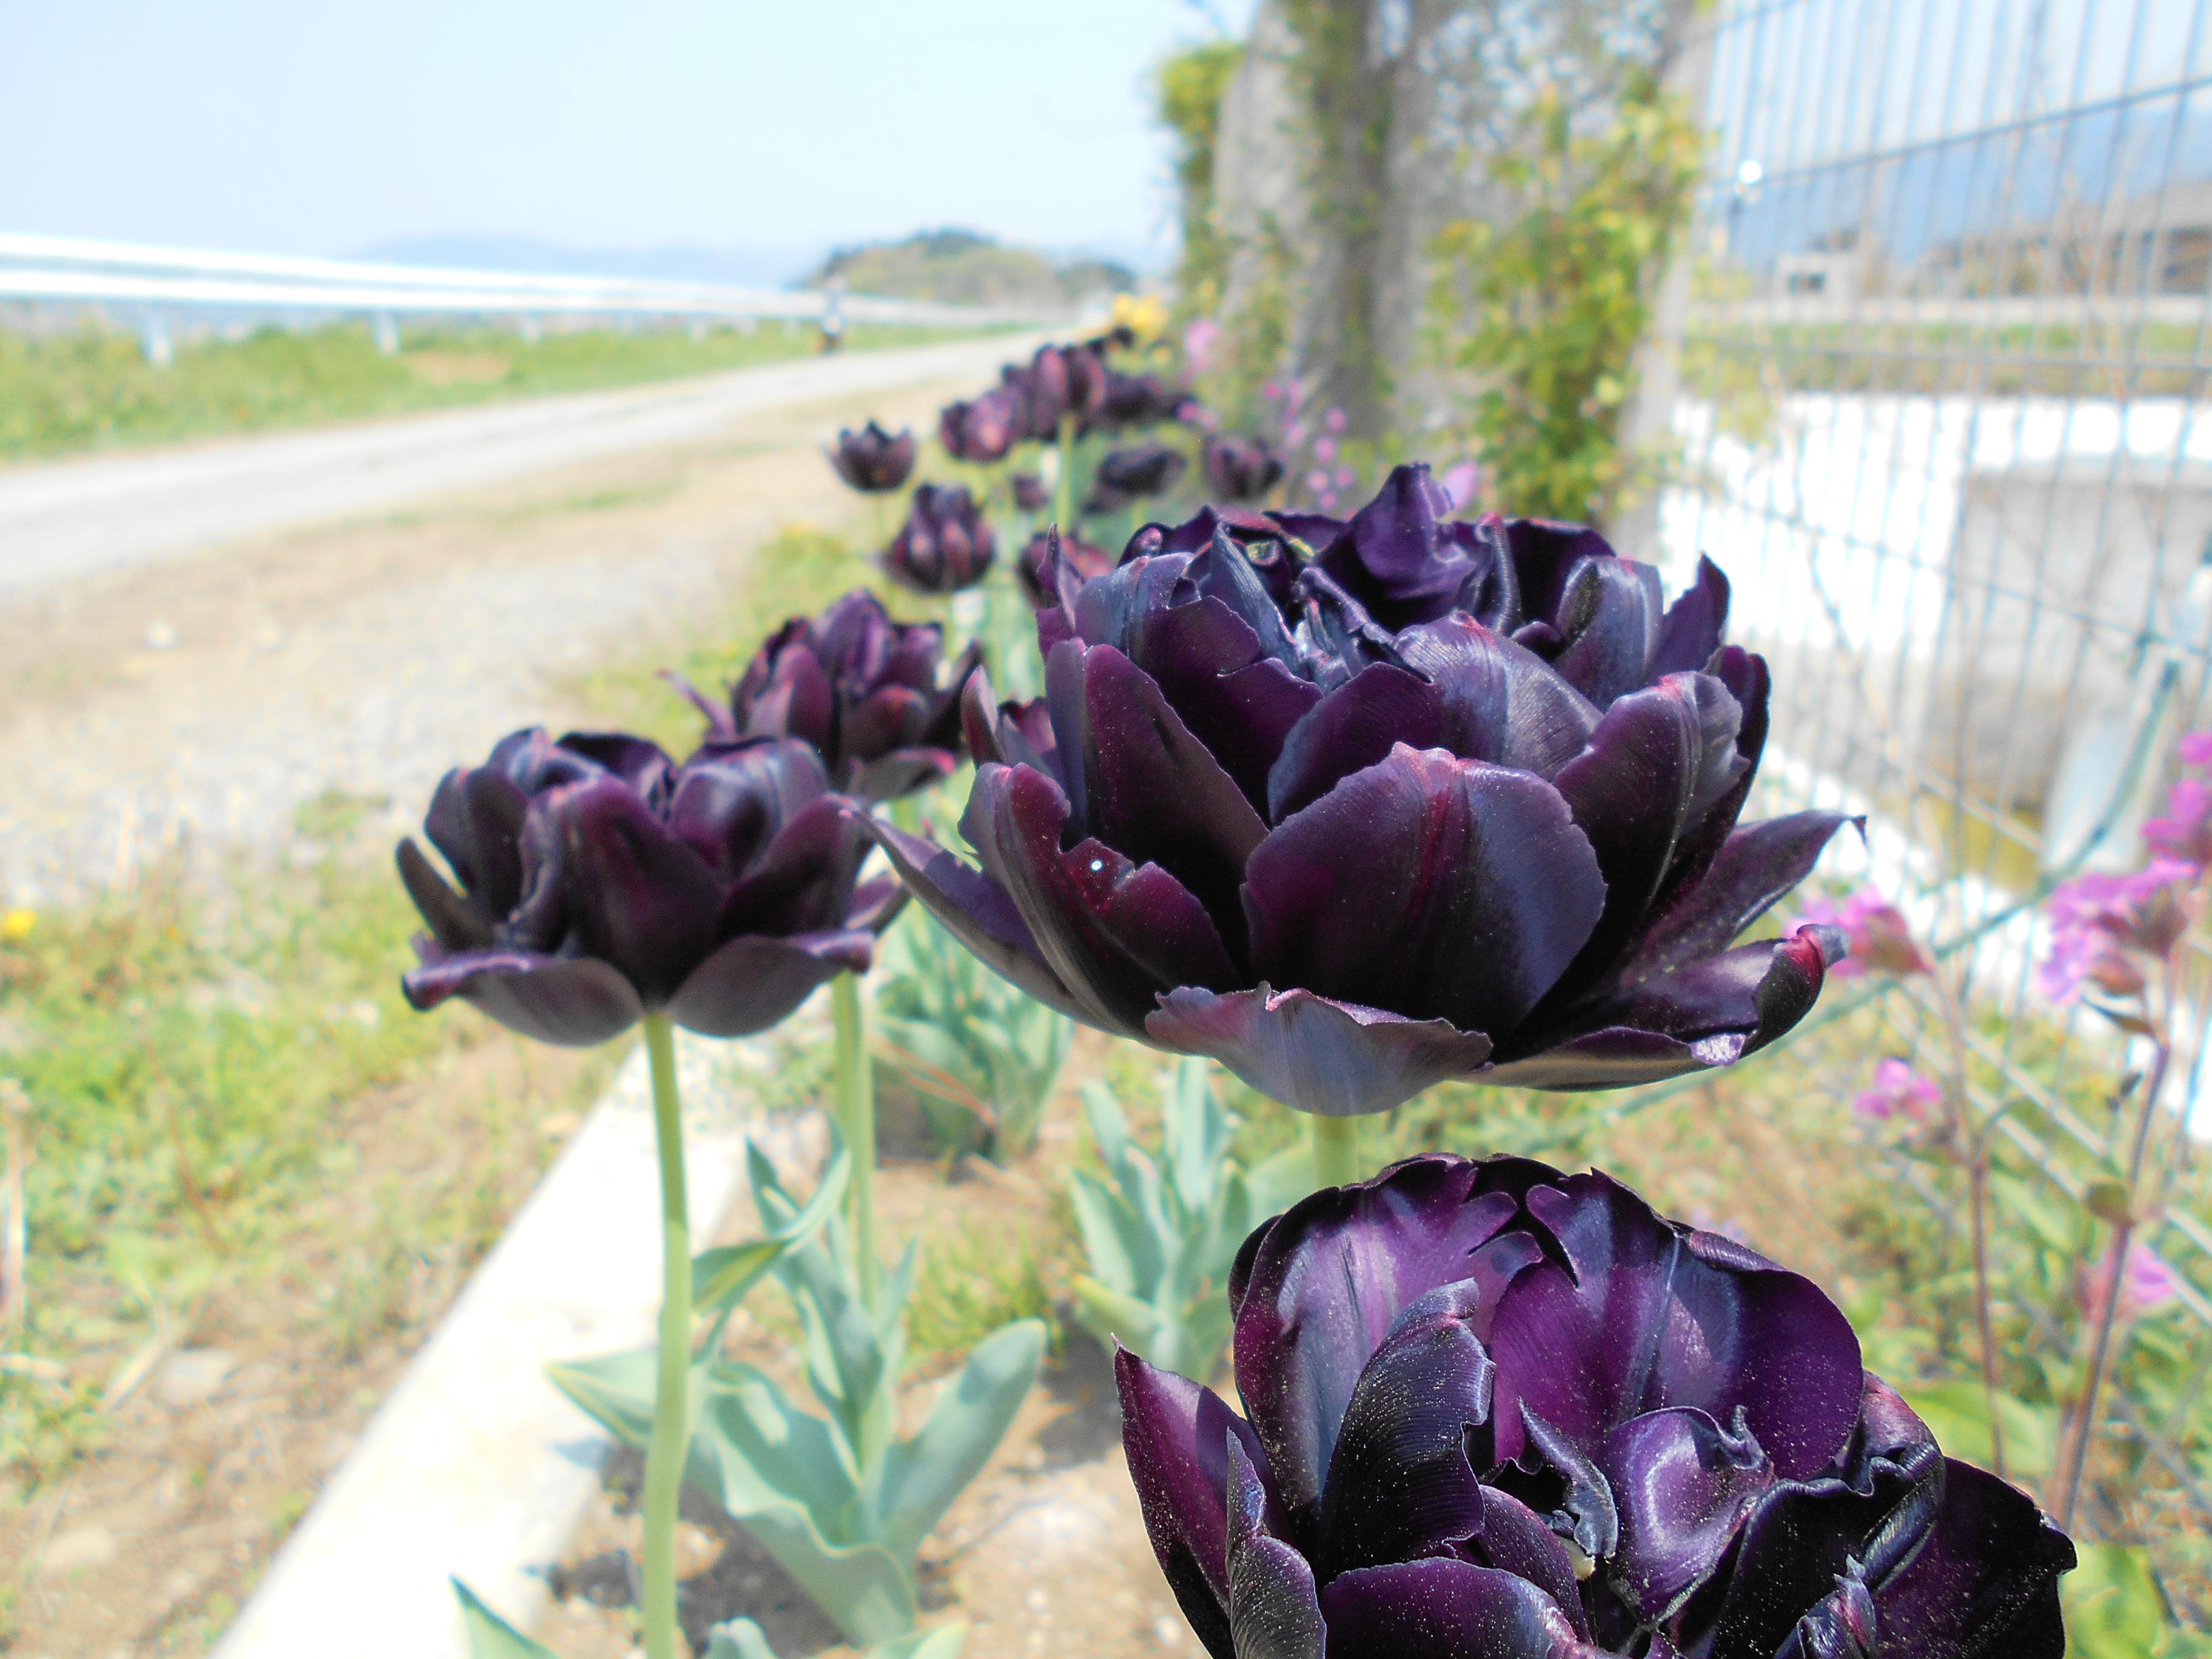 http://chichibu-med.jp/news/DSCN0113.JPG